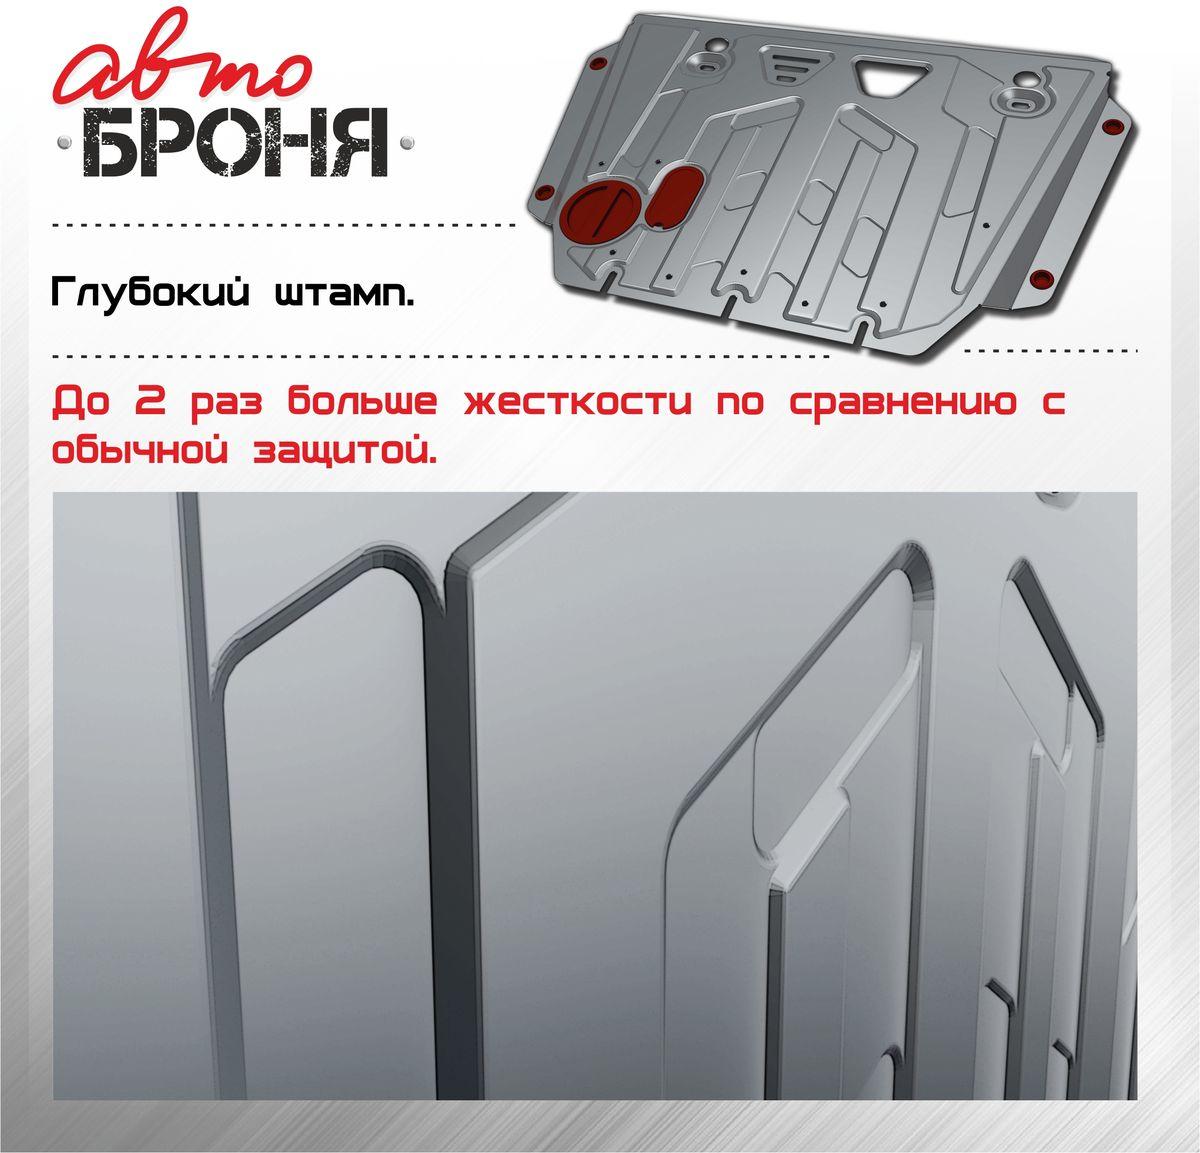 """Защита картера и КПП """"Автоброня"""", для Hyundai i20, V - 1,2; 1,4; 1,6 (2009-2011)"""